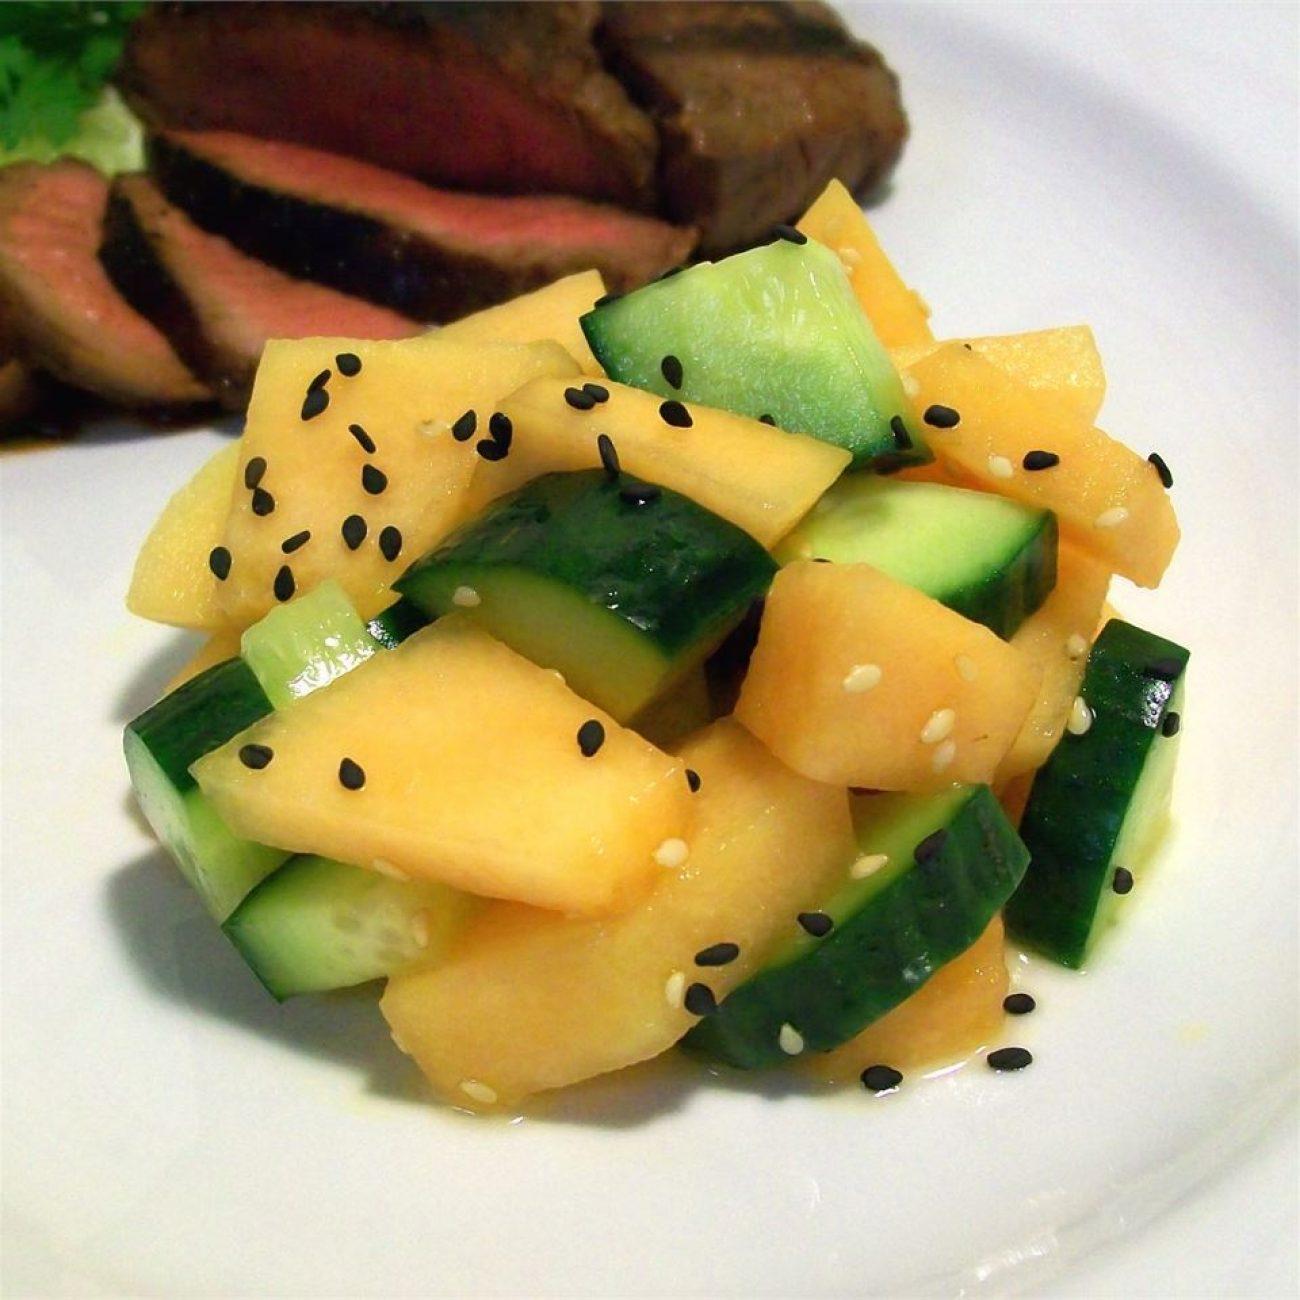 Cucumber and Cantaloupe Salad Recipe